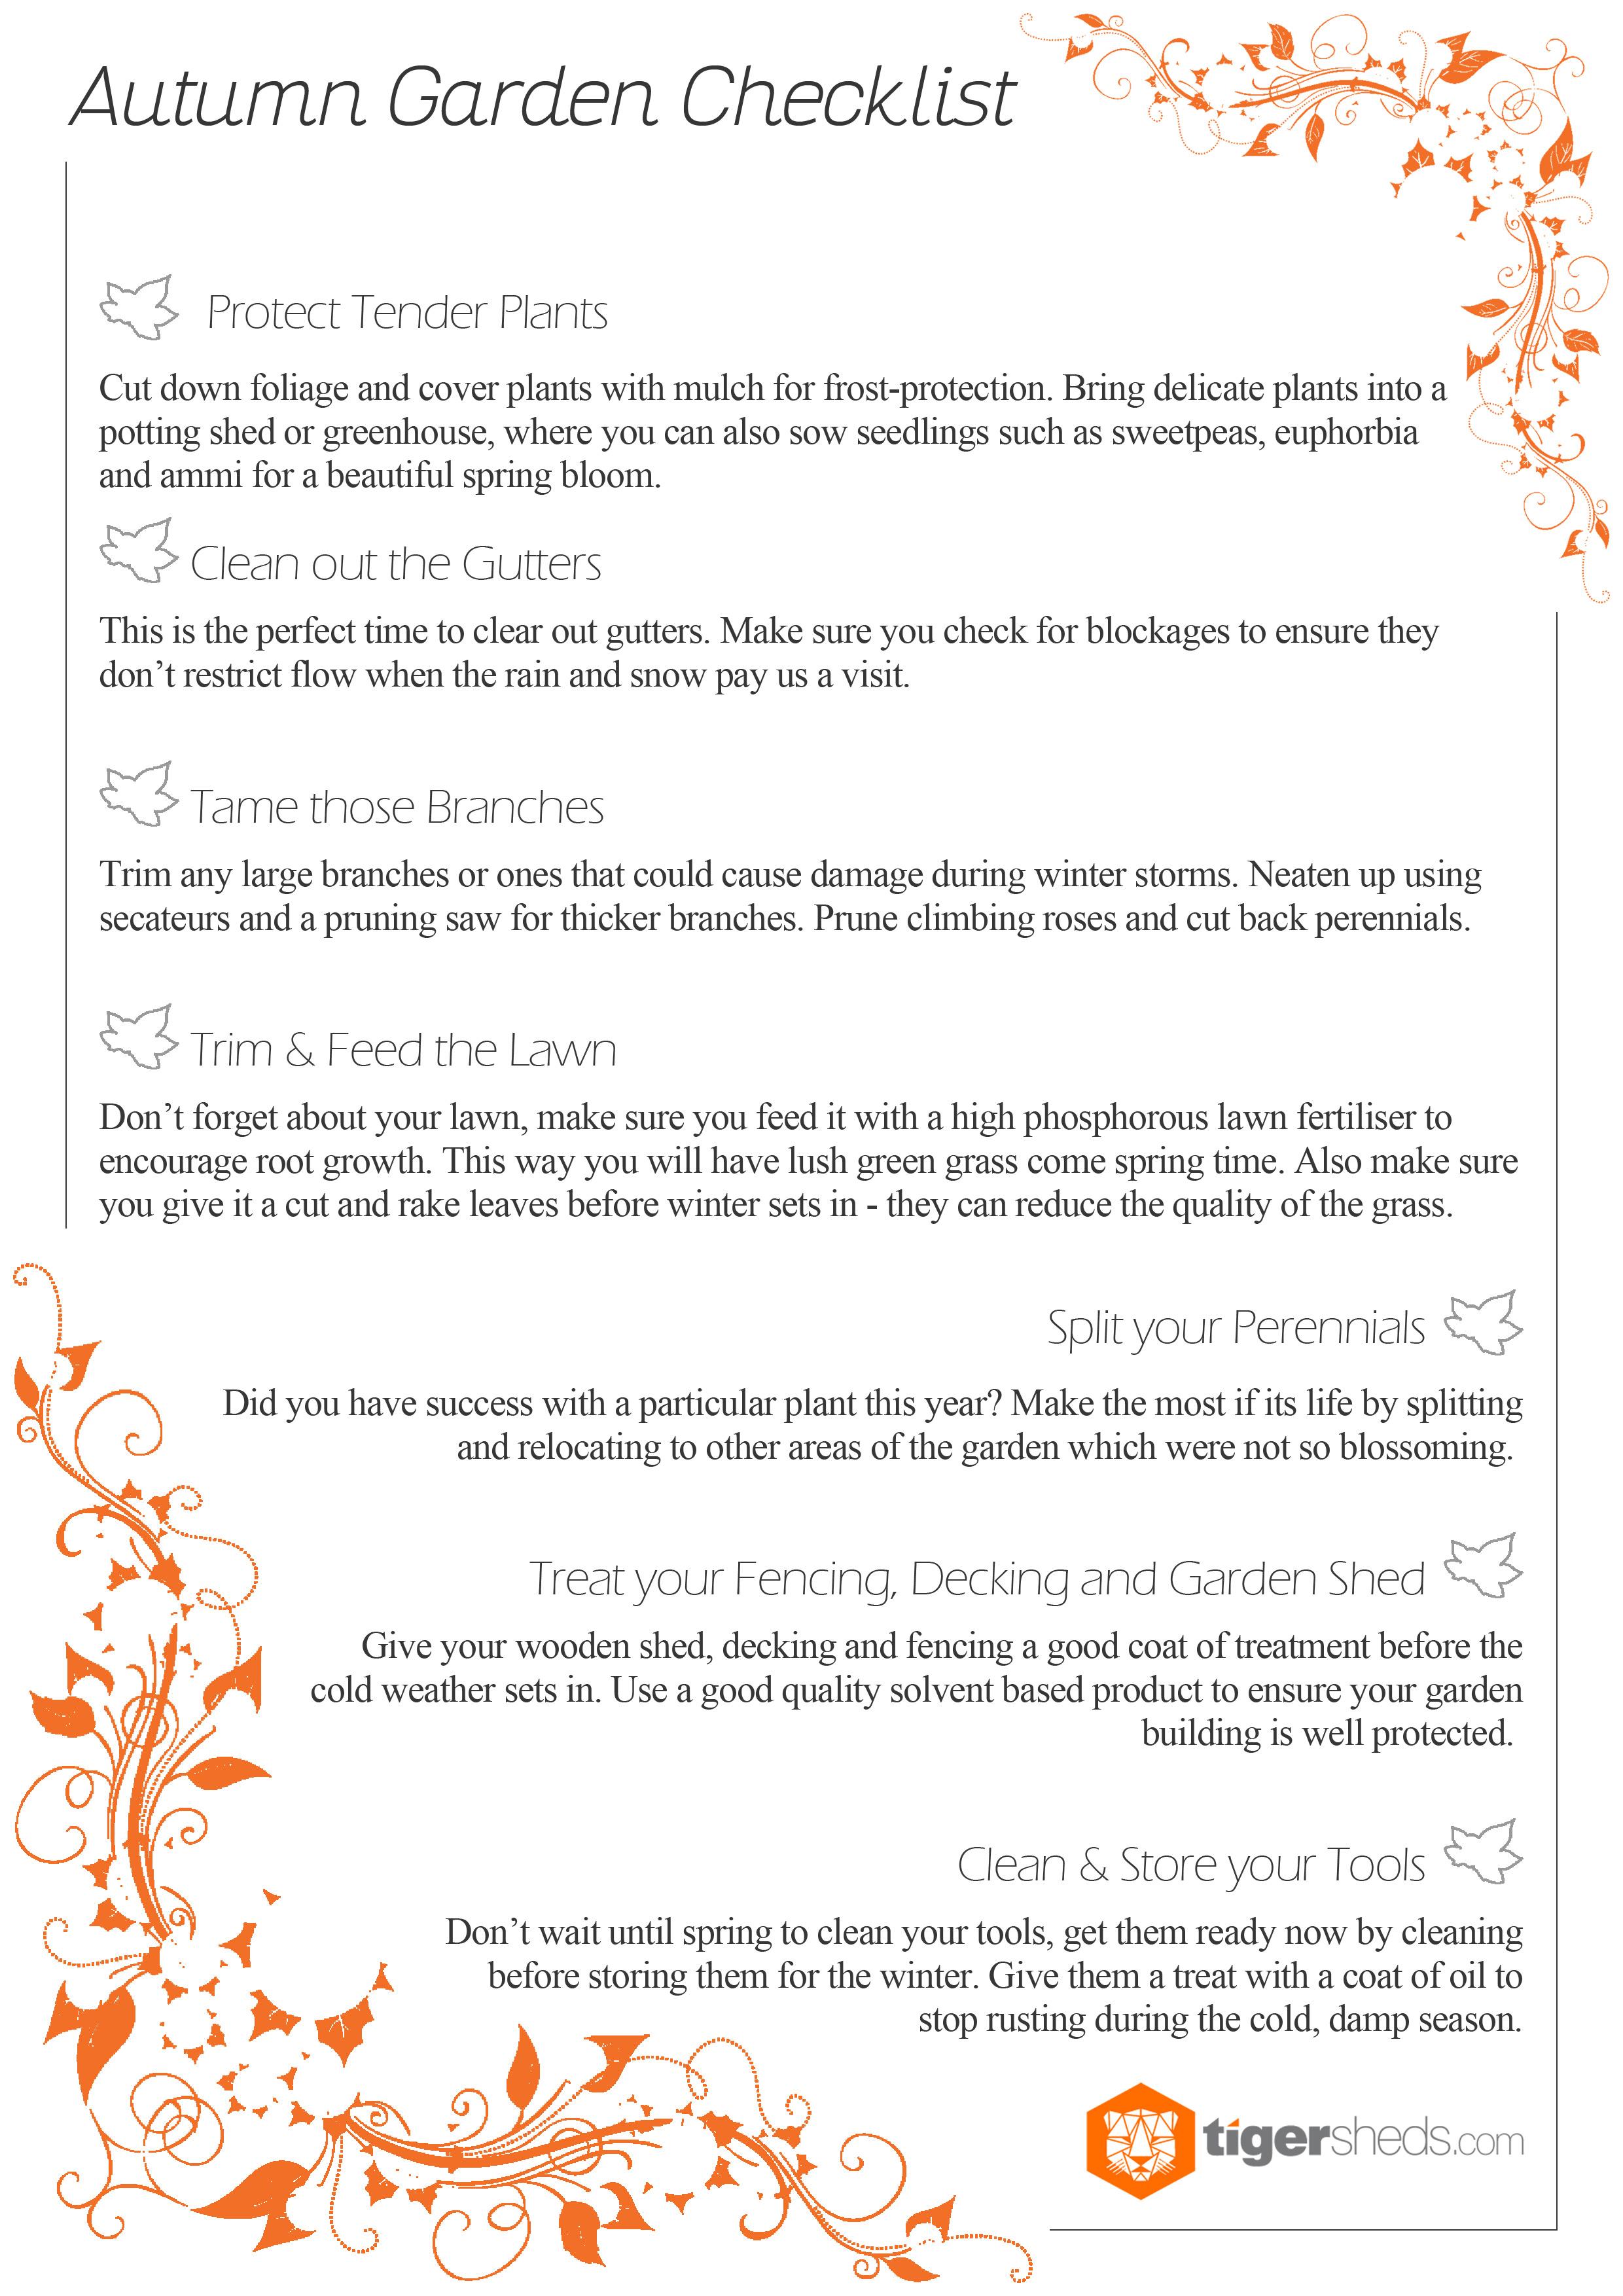 Autumn-Garden-Checklistkb